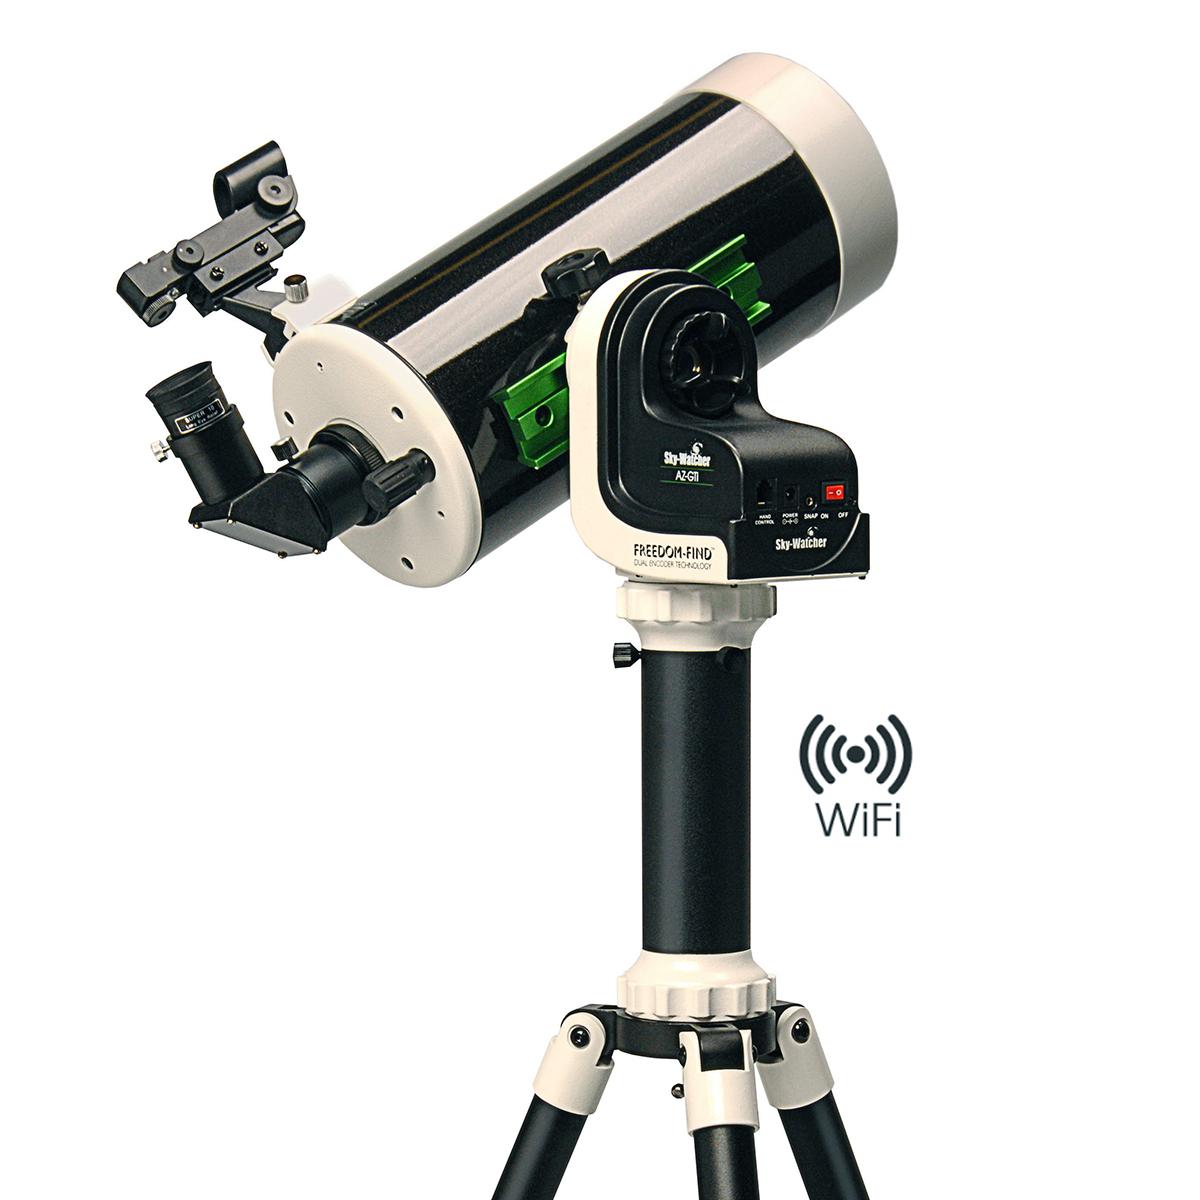 127MM WIFI GO-TO MAKSUTOV-CASSEGRAIN TELESCOPE SkyWatcher SKYMAX-127 AZ-GTI